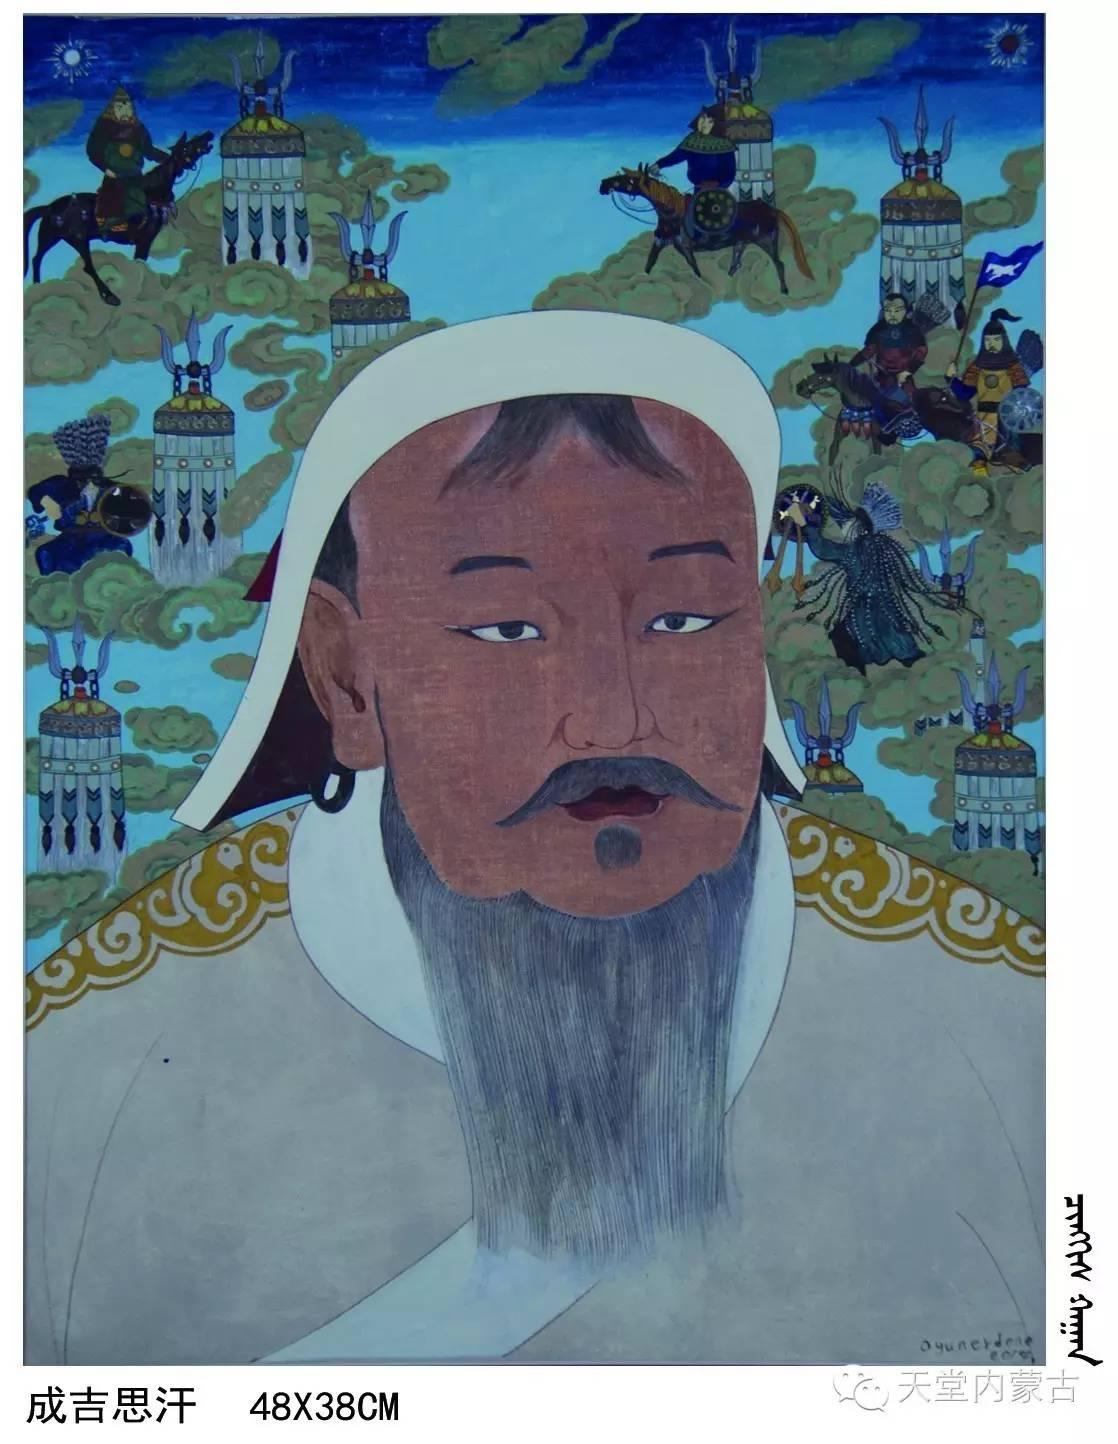 🔴内蒙古蒙古画艺术家乌云额尔德尼《故乡的呼唤》个人艺术展 第3张